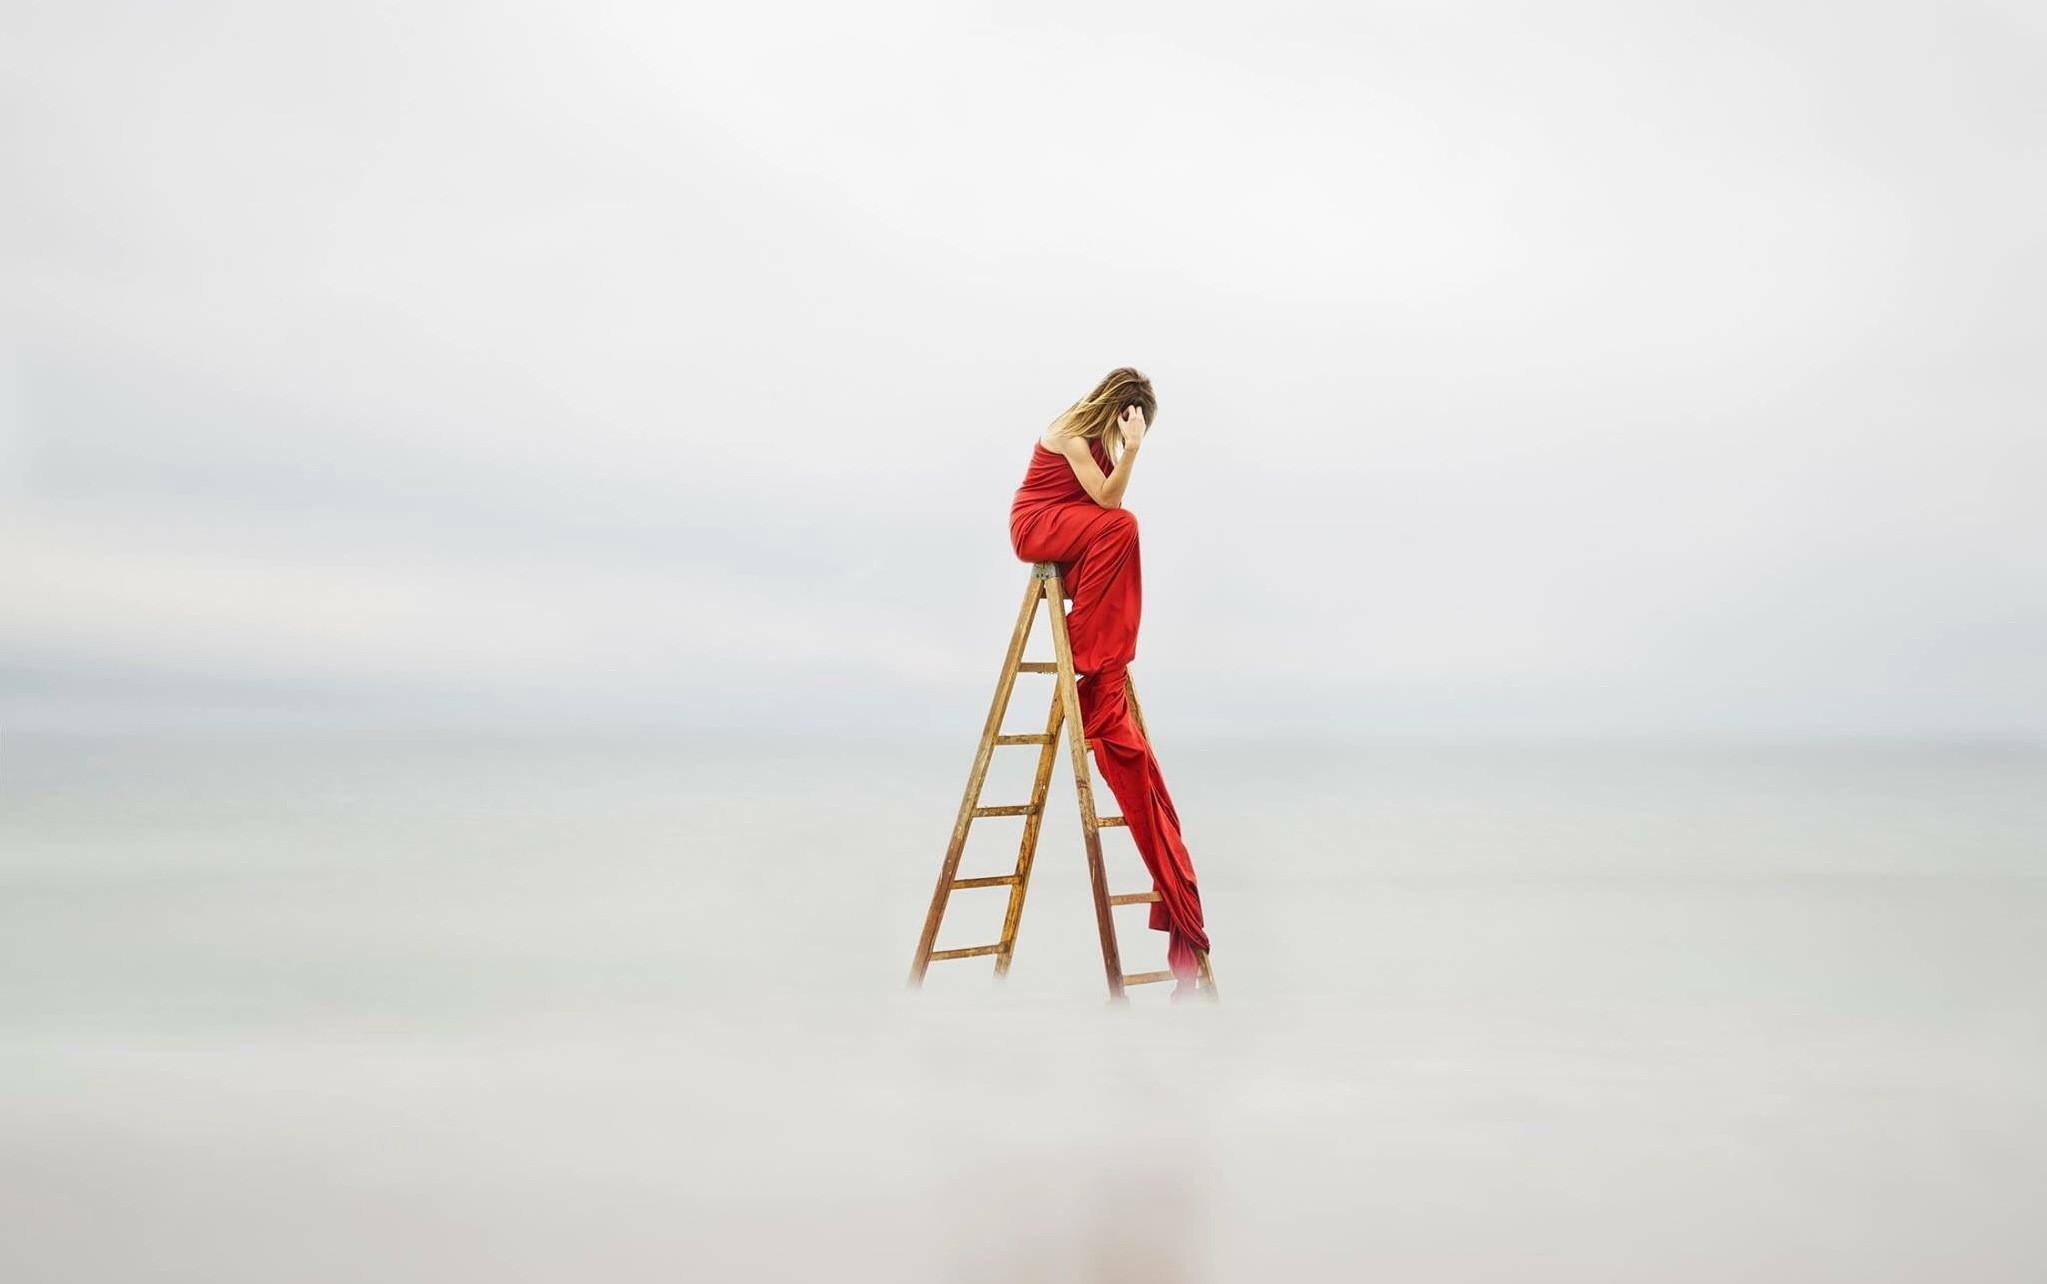 梯子上的红色女人